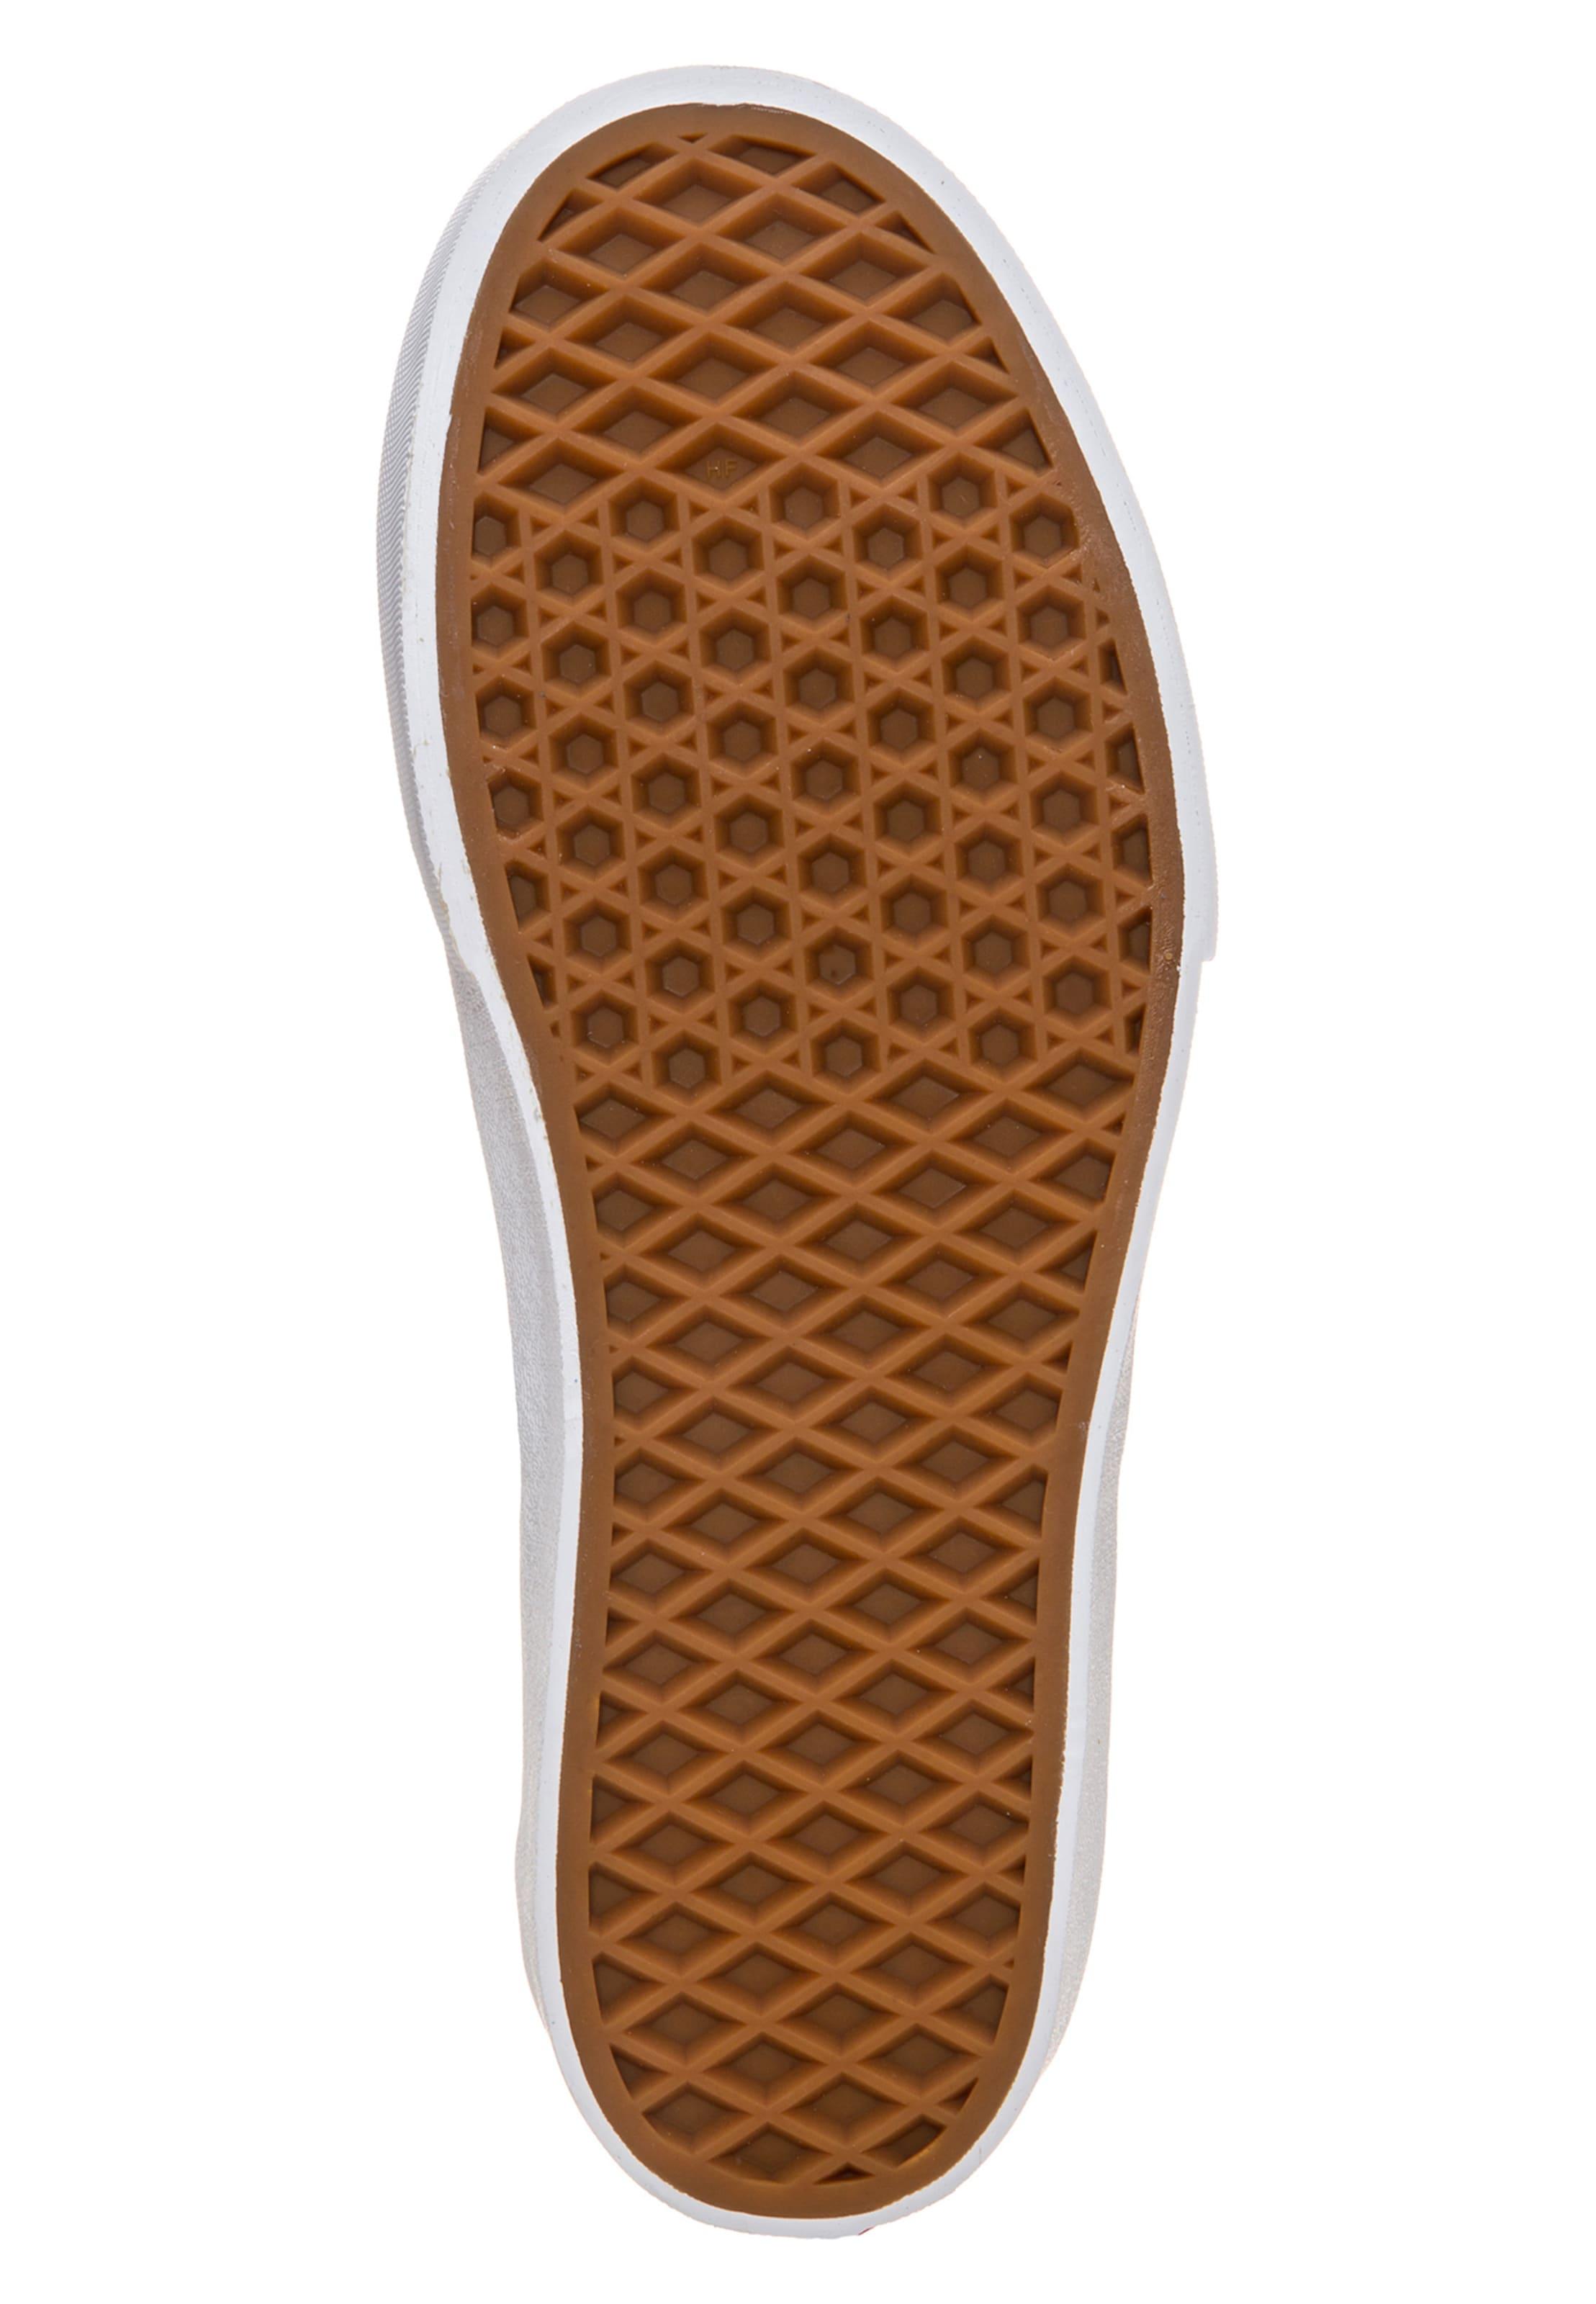 2 Damen In Vans 0 Beige Platform Sneaker Authentic yNO0mv8nw